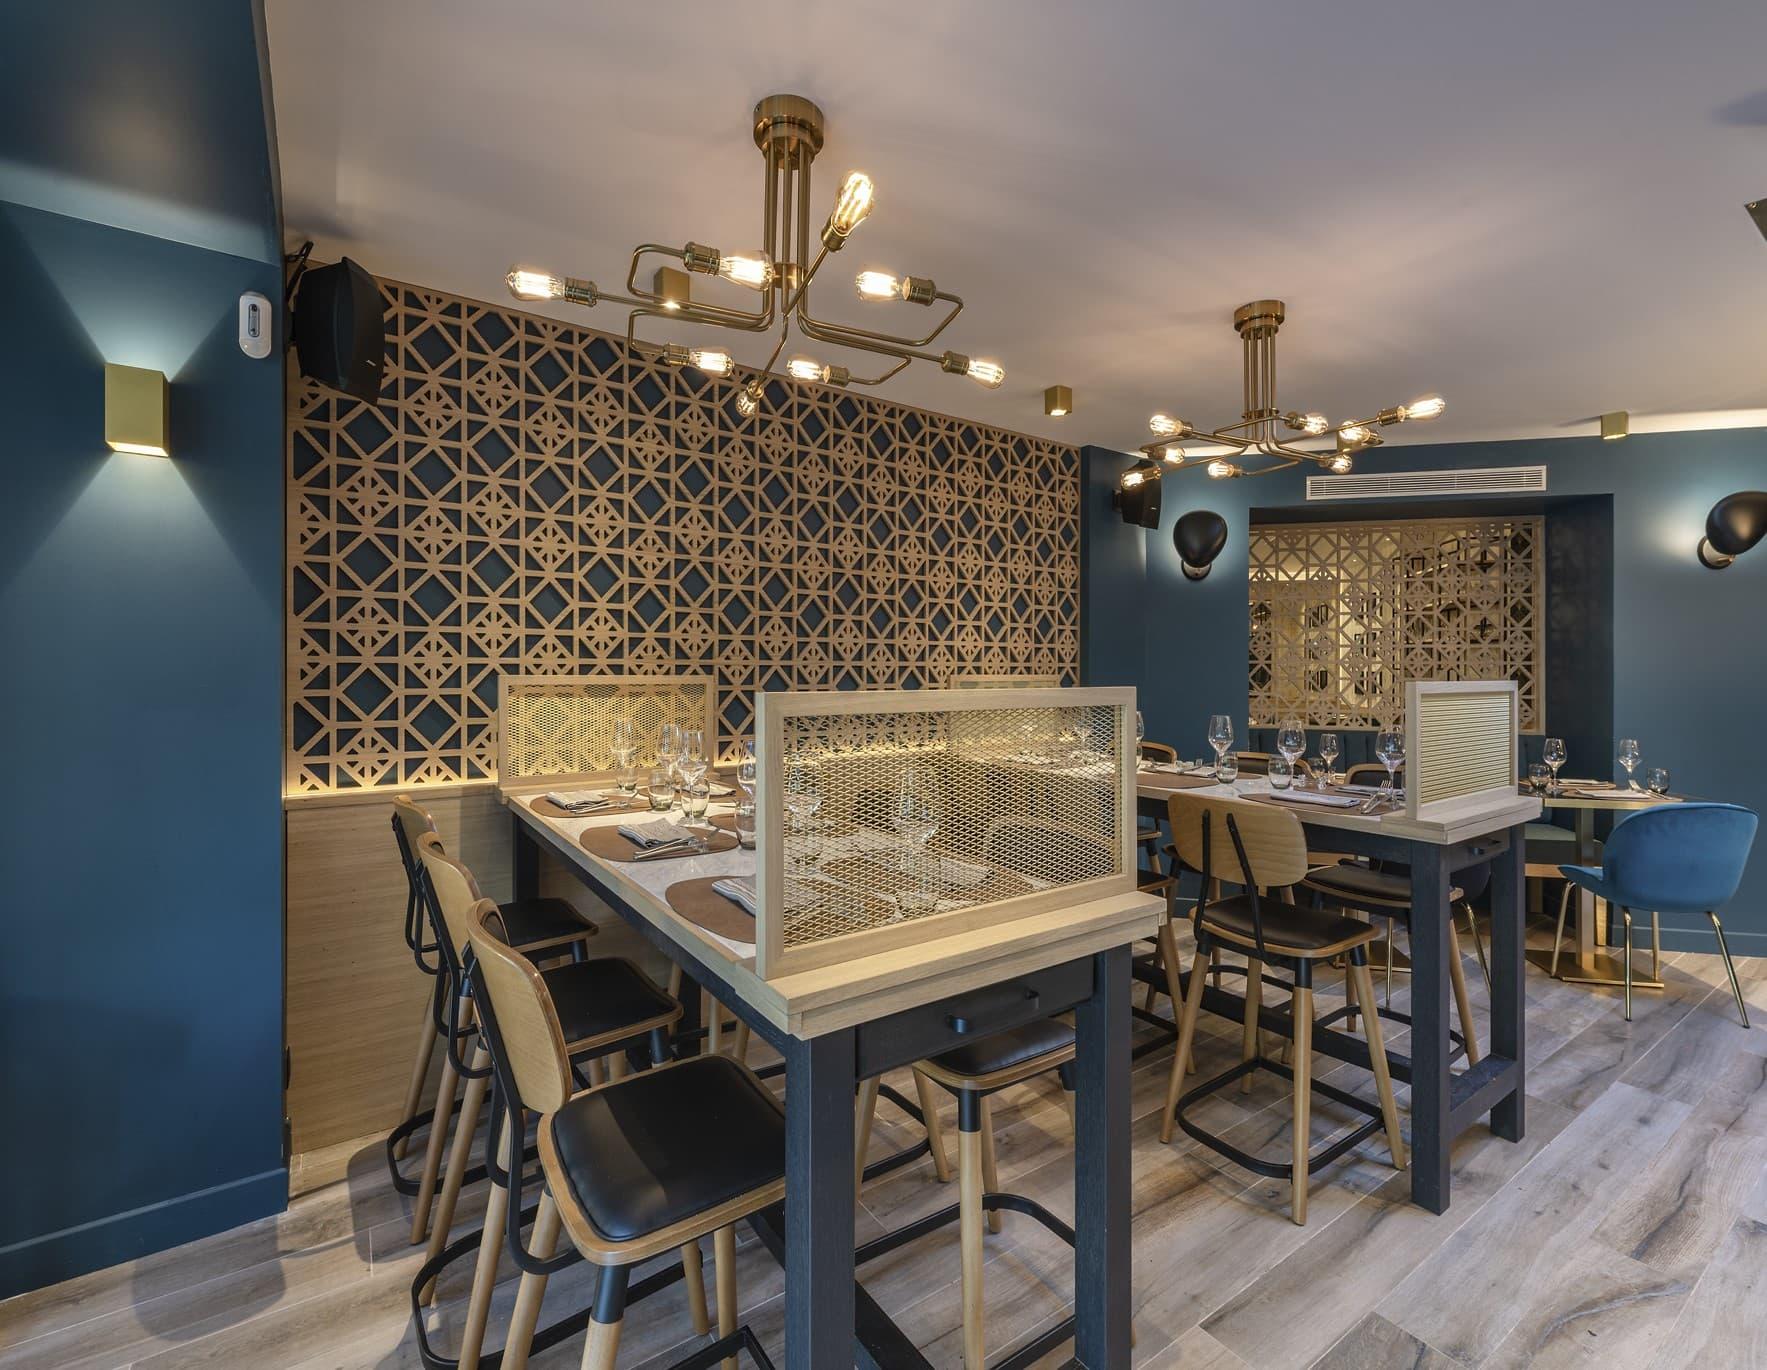 Focus sur deux suspensions de style industrielle dans le restaurant La Petite Ferme